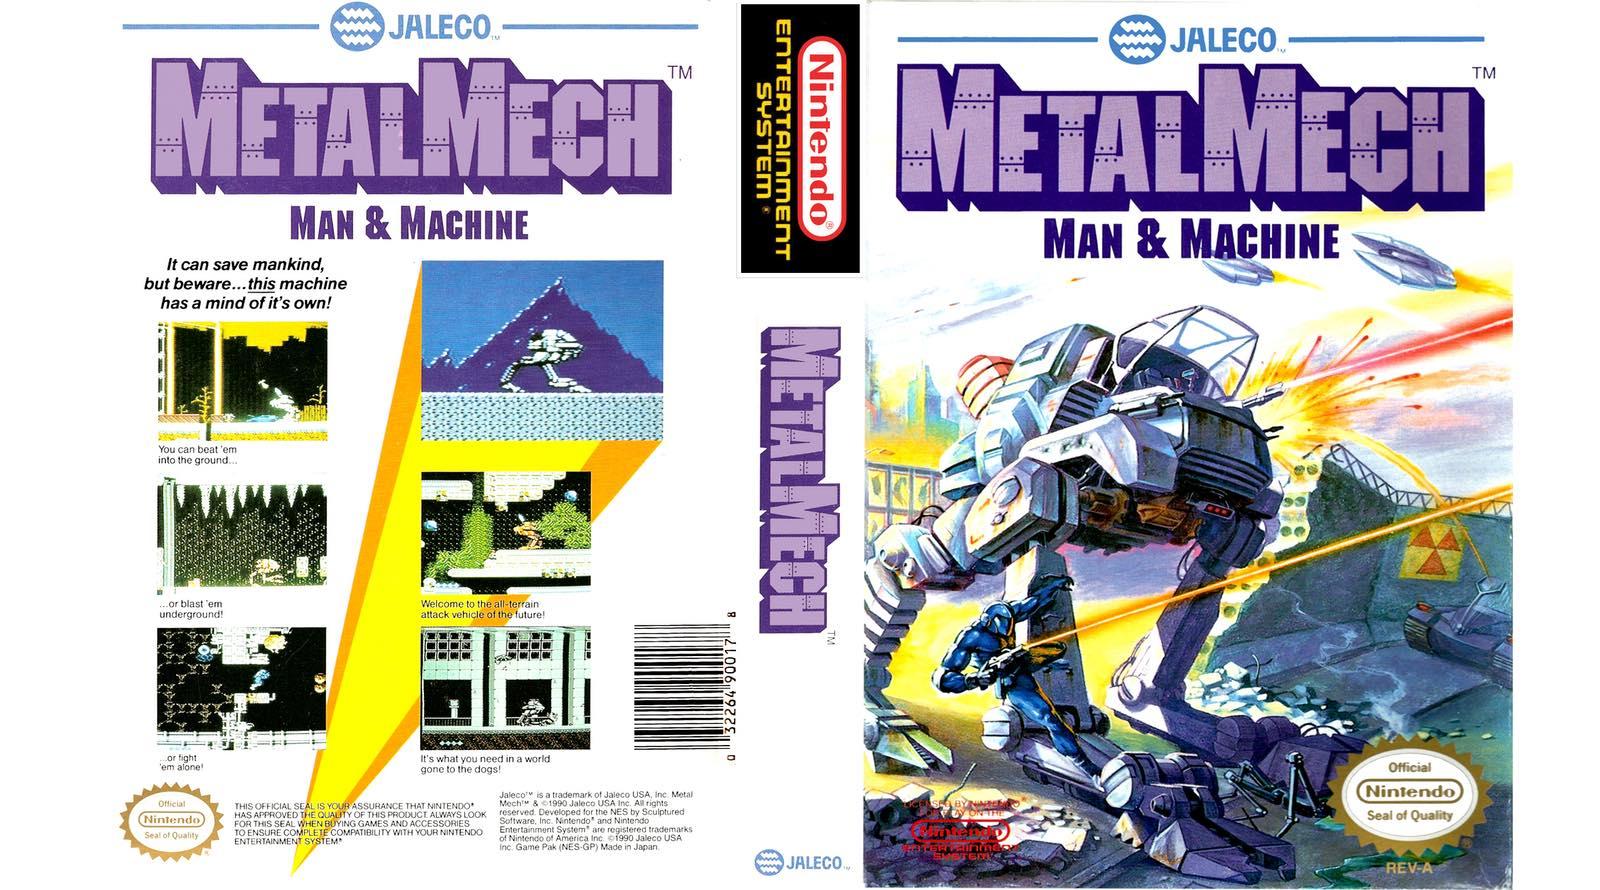 feat-metal-mech